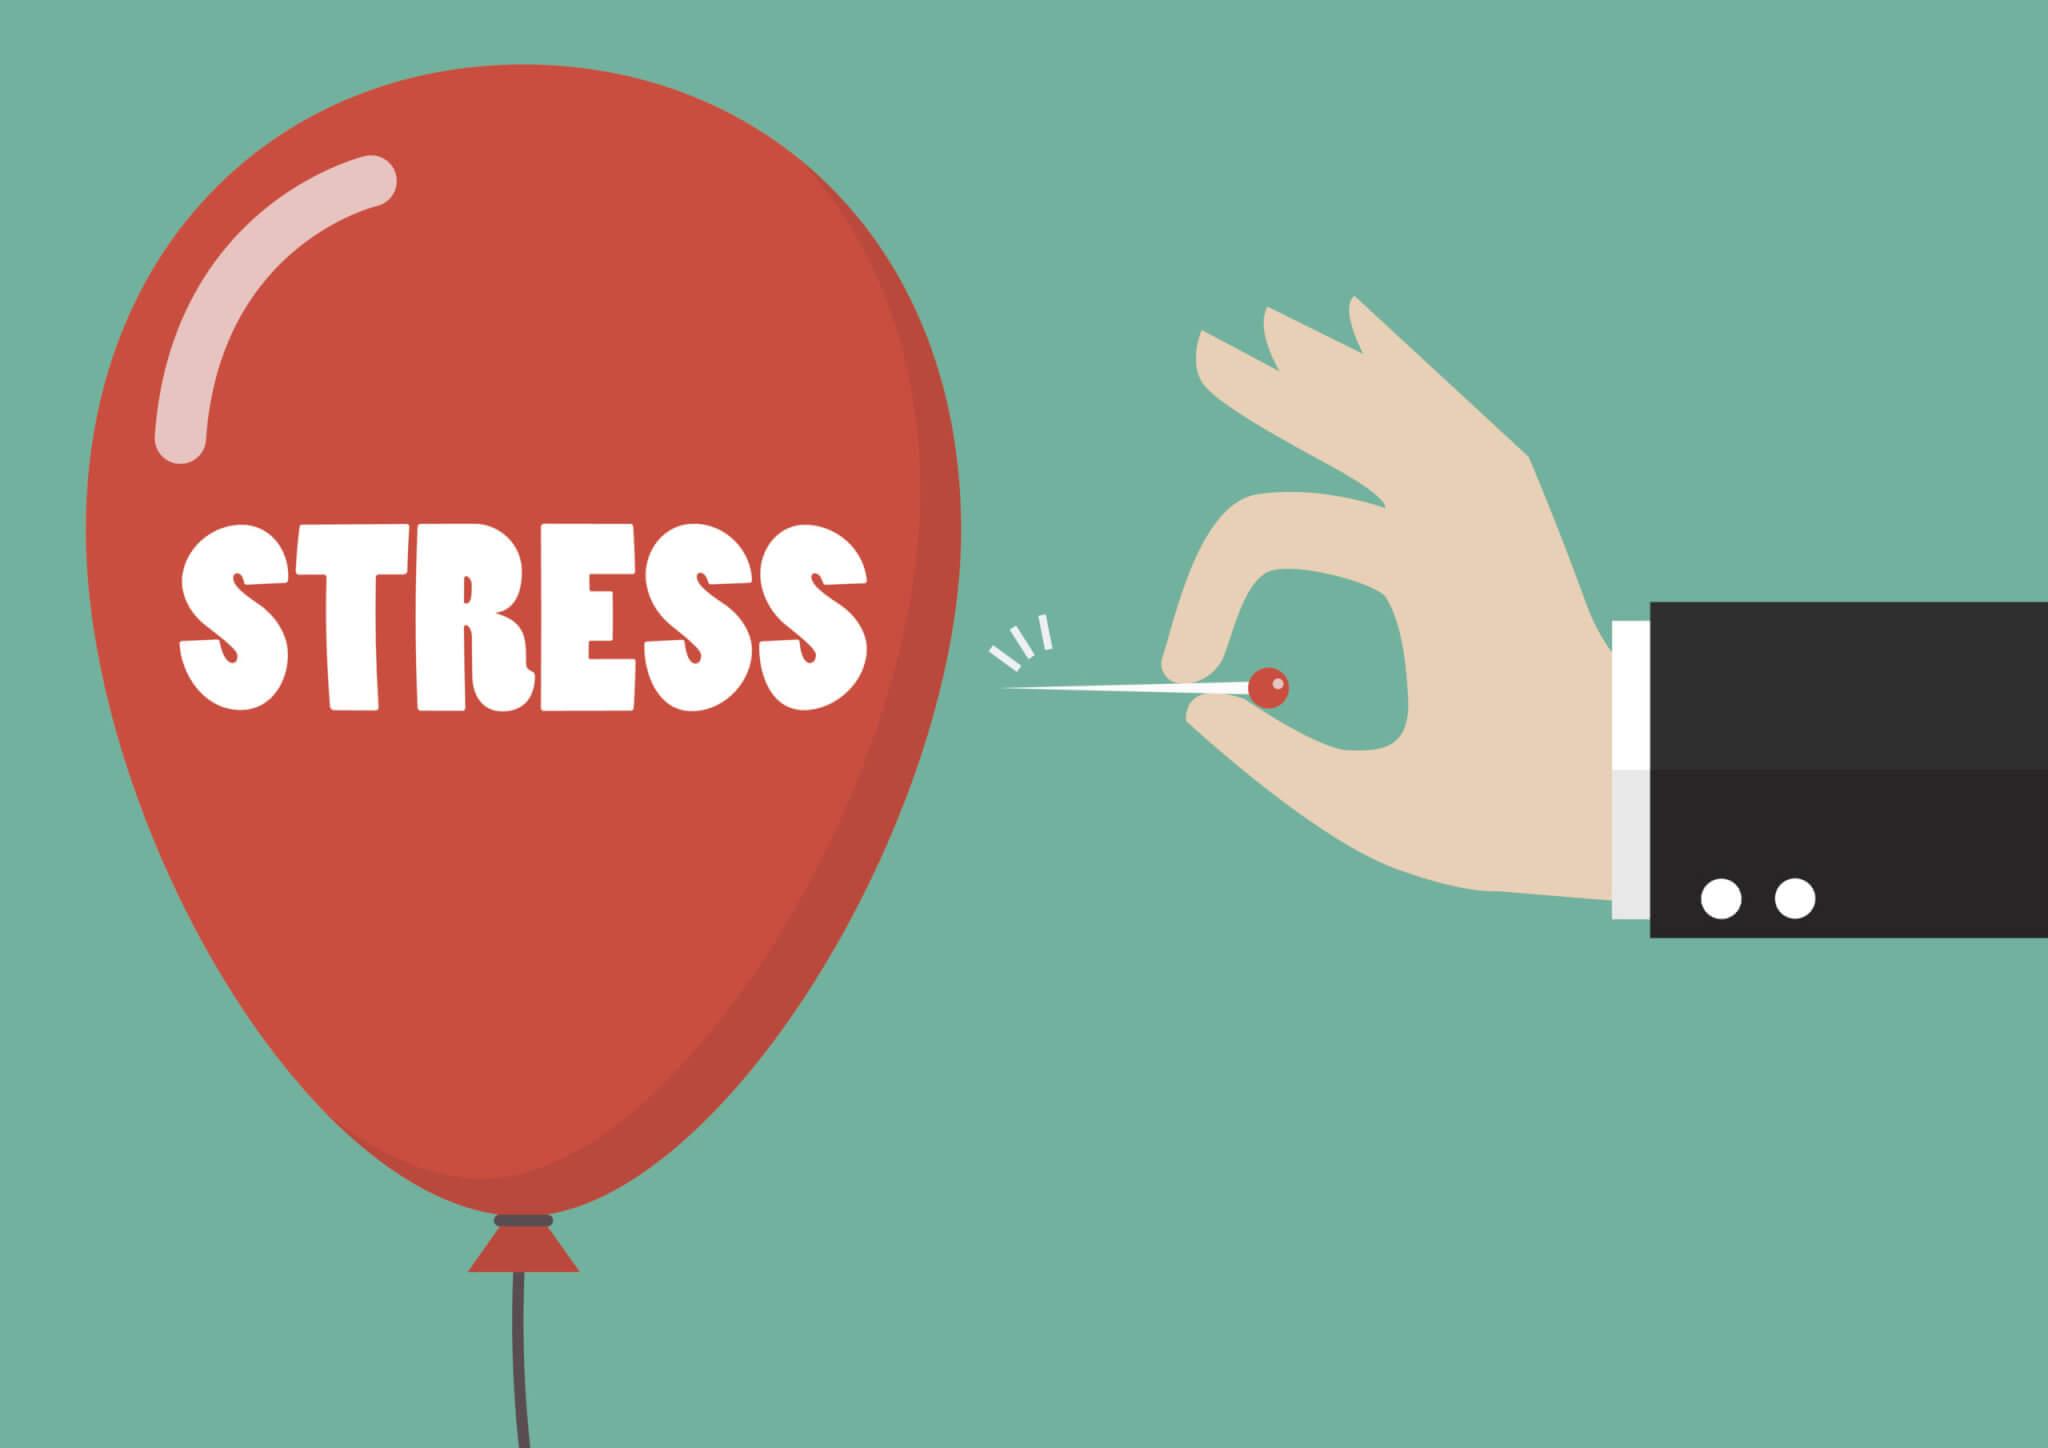 Giảm thiểu những căng thẳng, giữ tinh thần luôn thoải mái